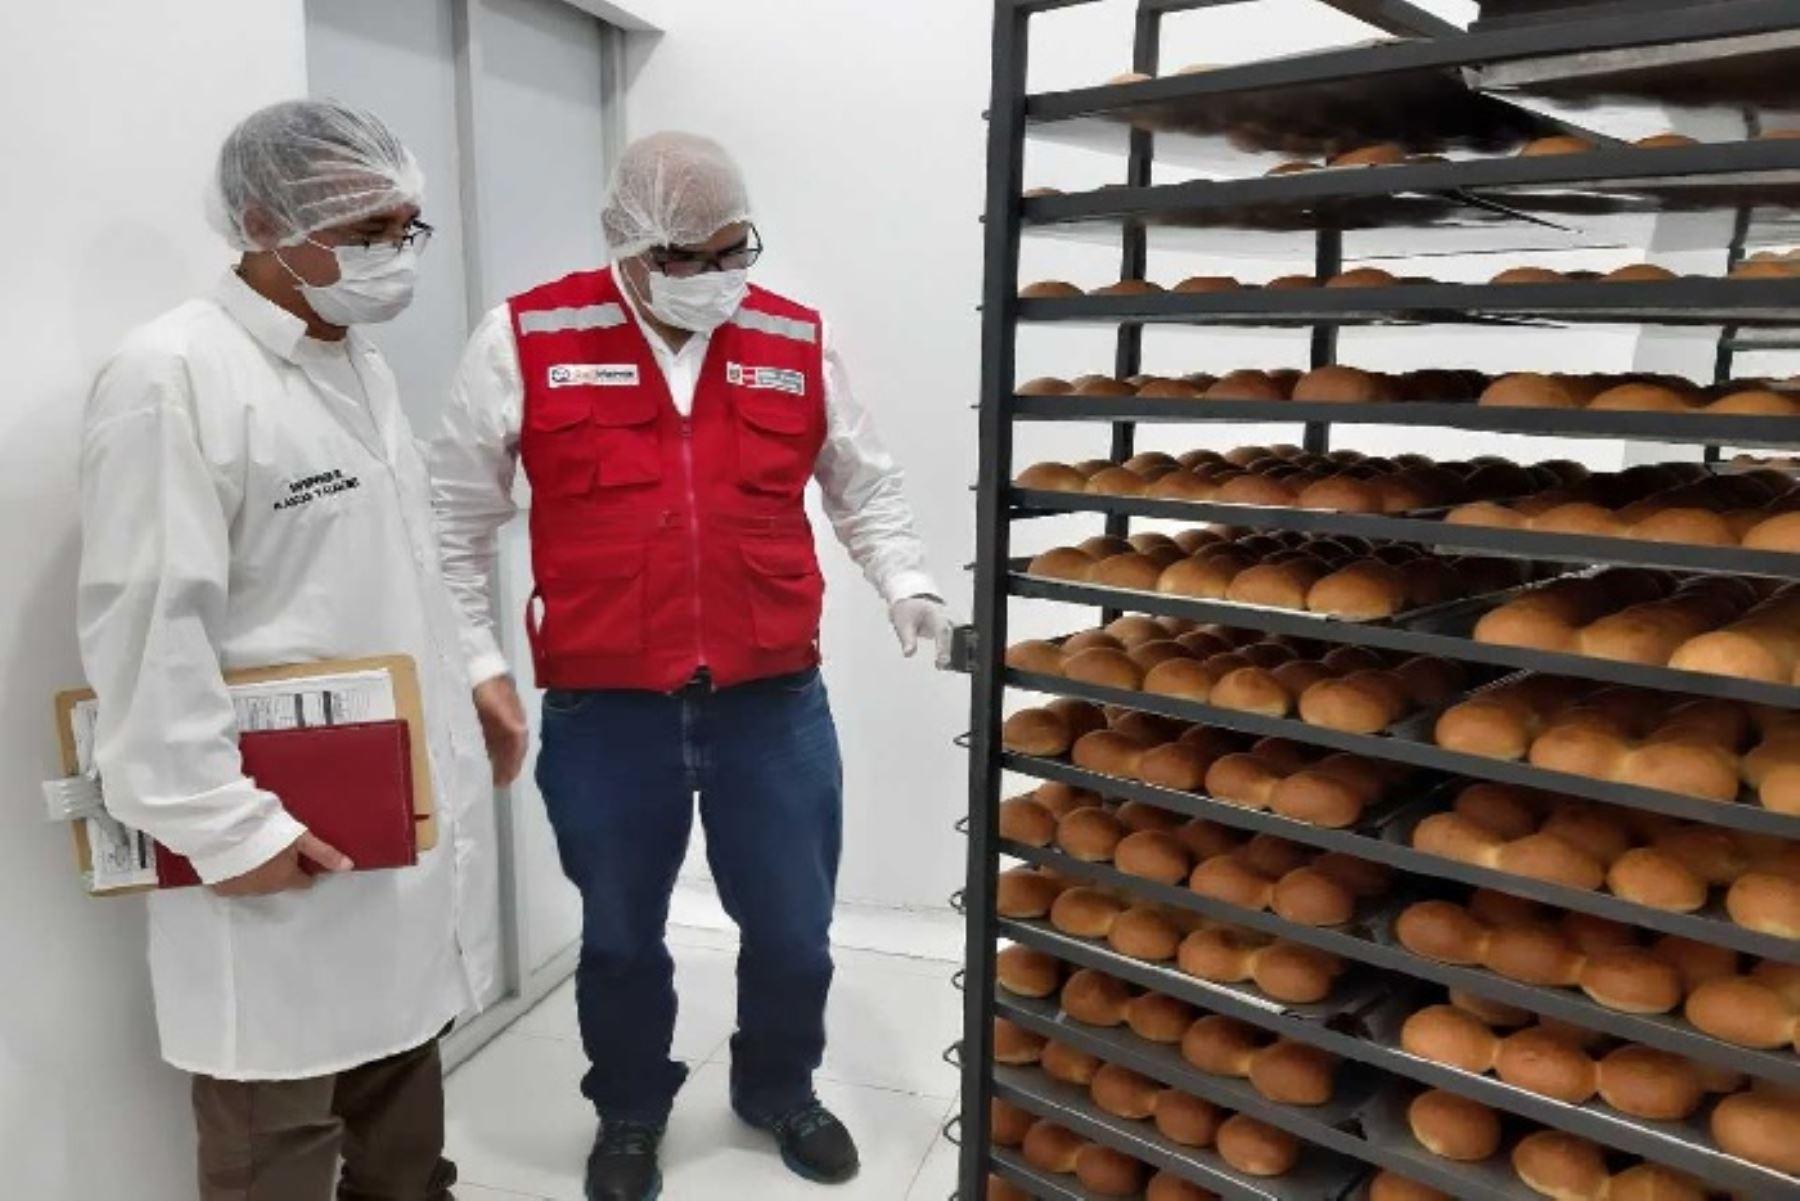 A fin de mejorar los procesos de entrega de alimentos a los diferentes colegios de Lambayeque, el Ministerio de Desarrollo e Inclusión Social (Midis), a través del Programa Nacional de Alimentación Escolar Qali Warma, capacitó al personal de las empresas proveedoras del servicio alimentario en dicha región.